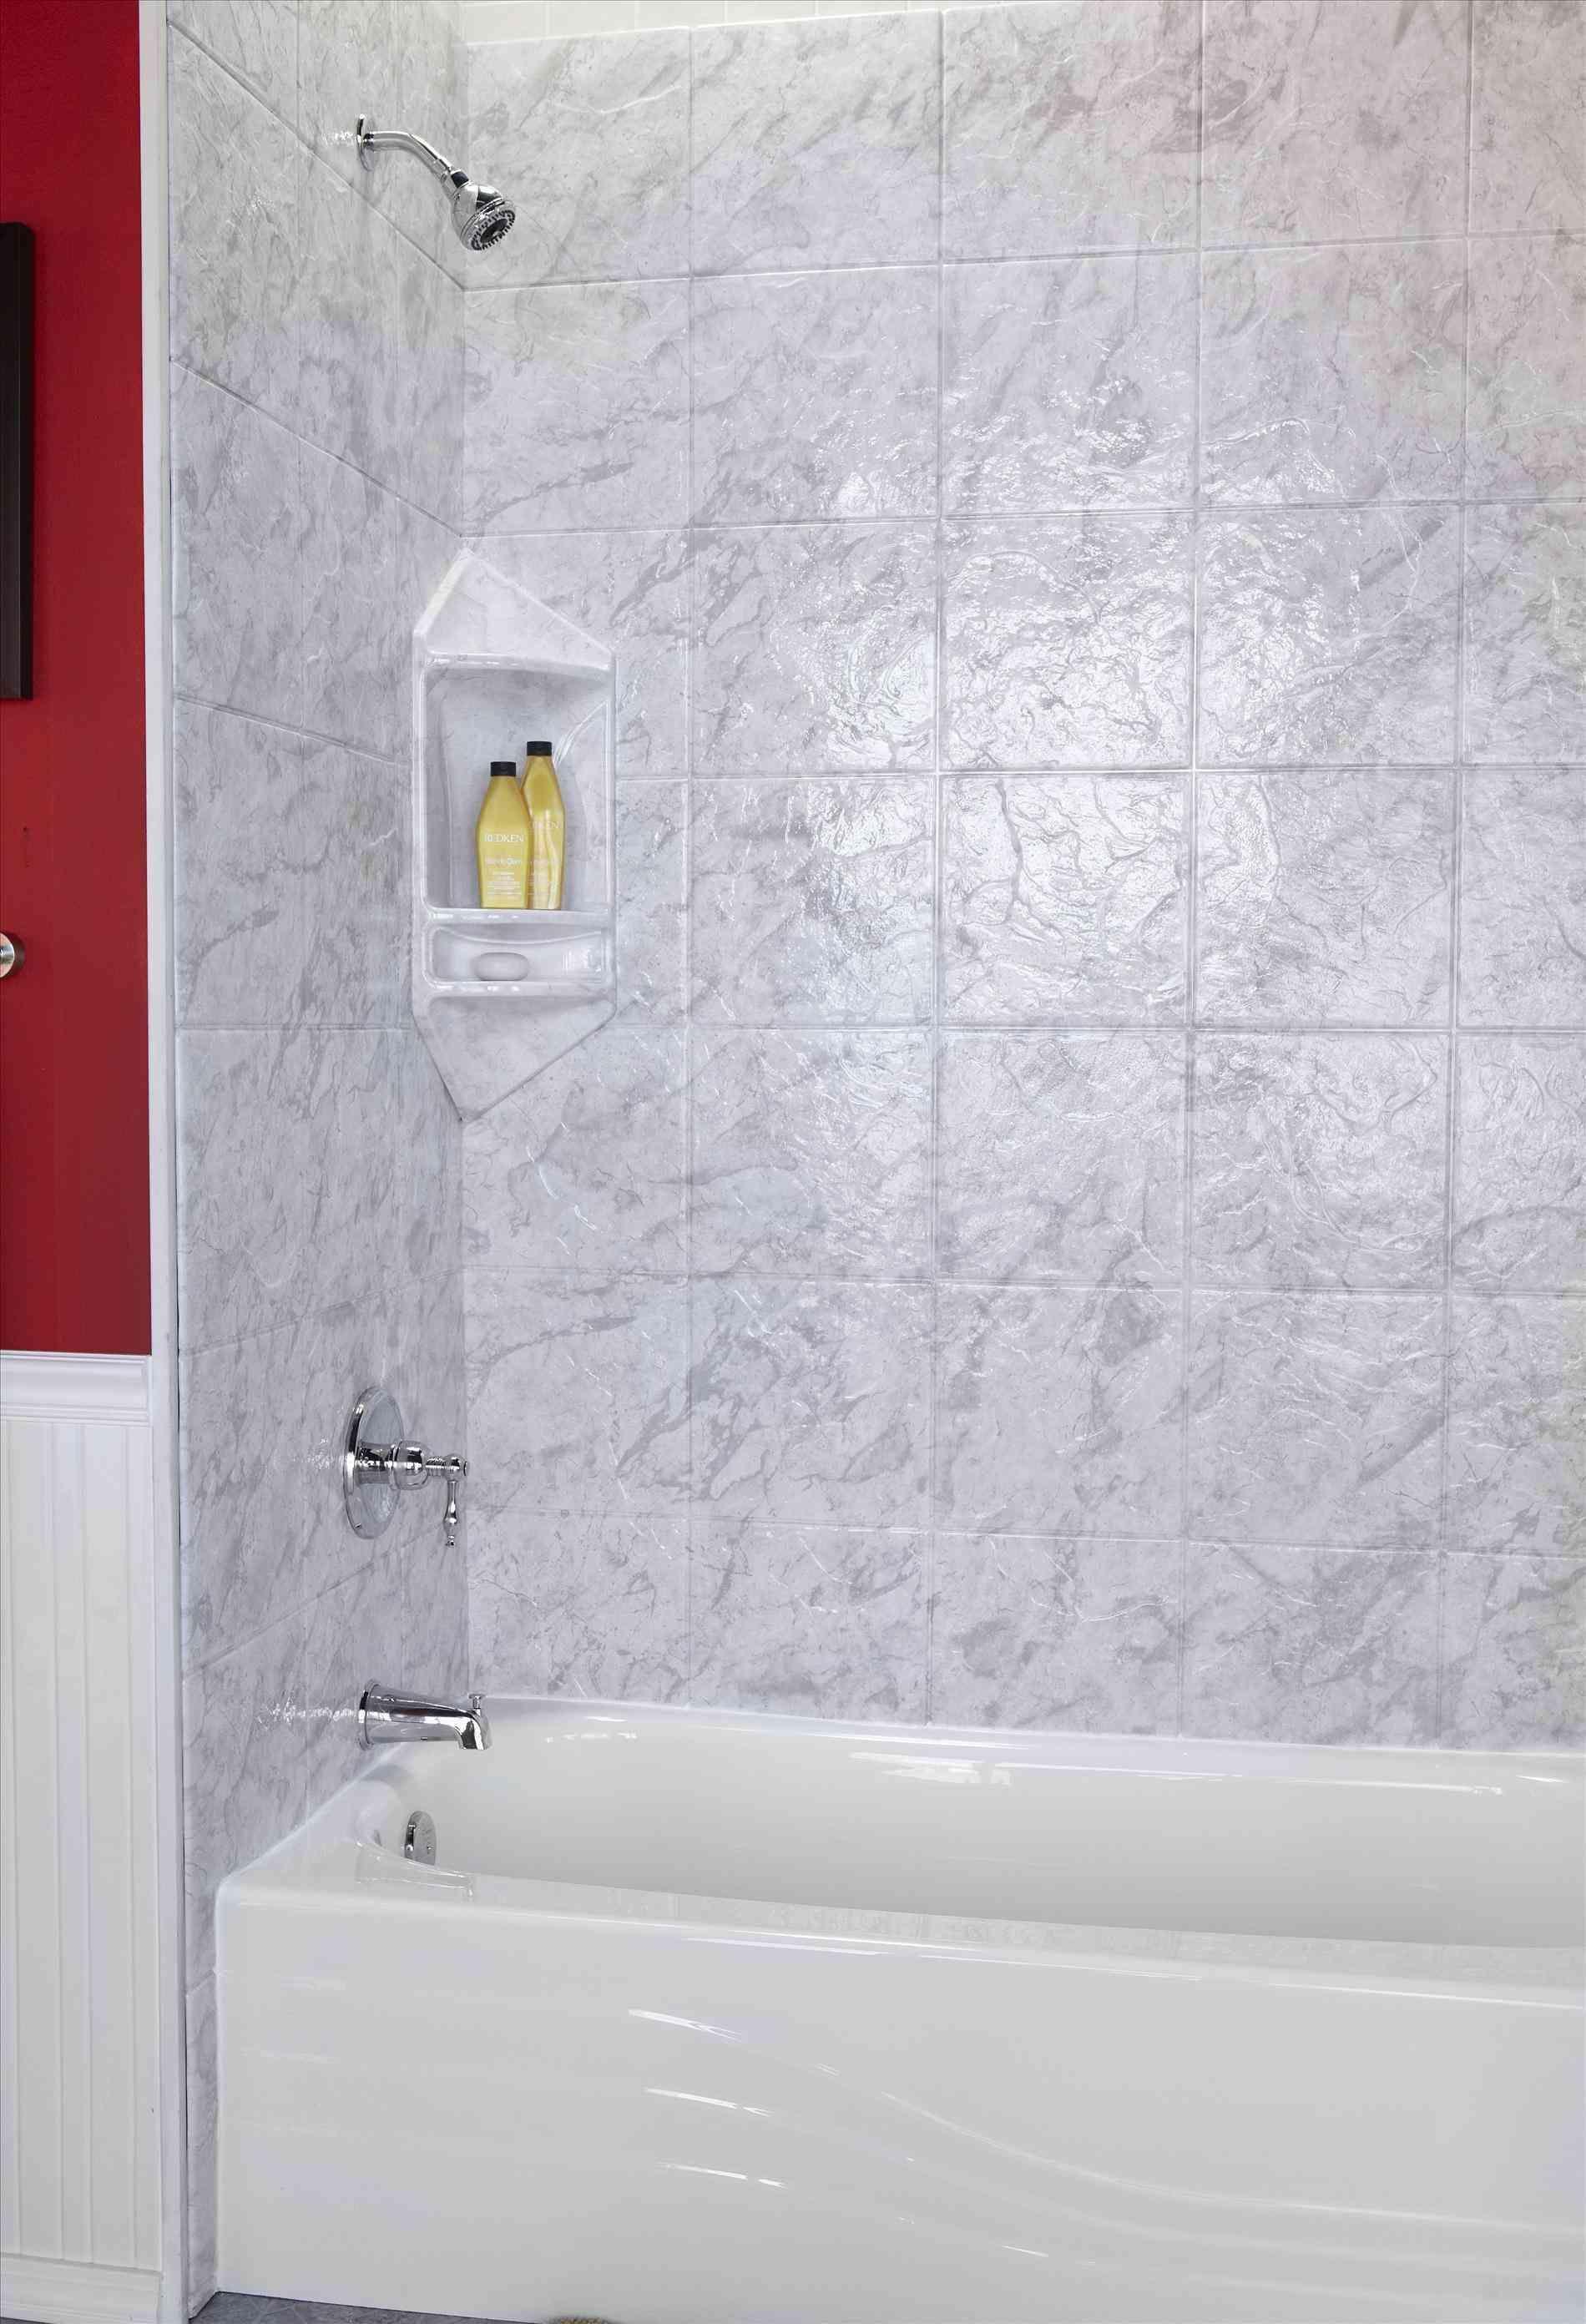 New Post decorative panels for bathroom walls | LivingRooms ...